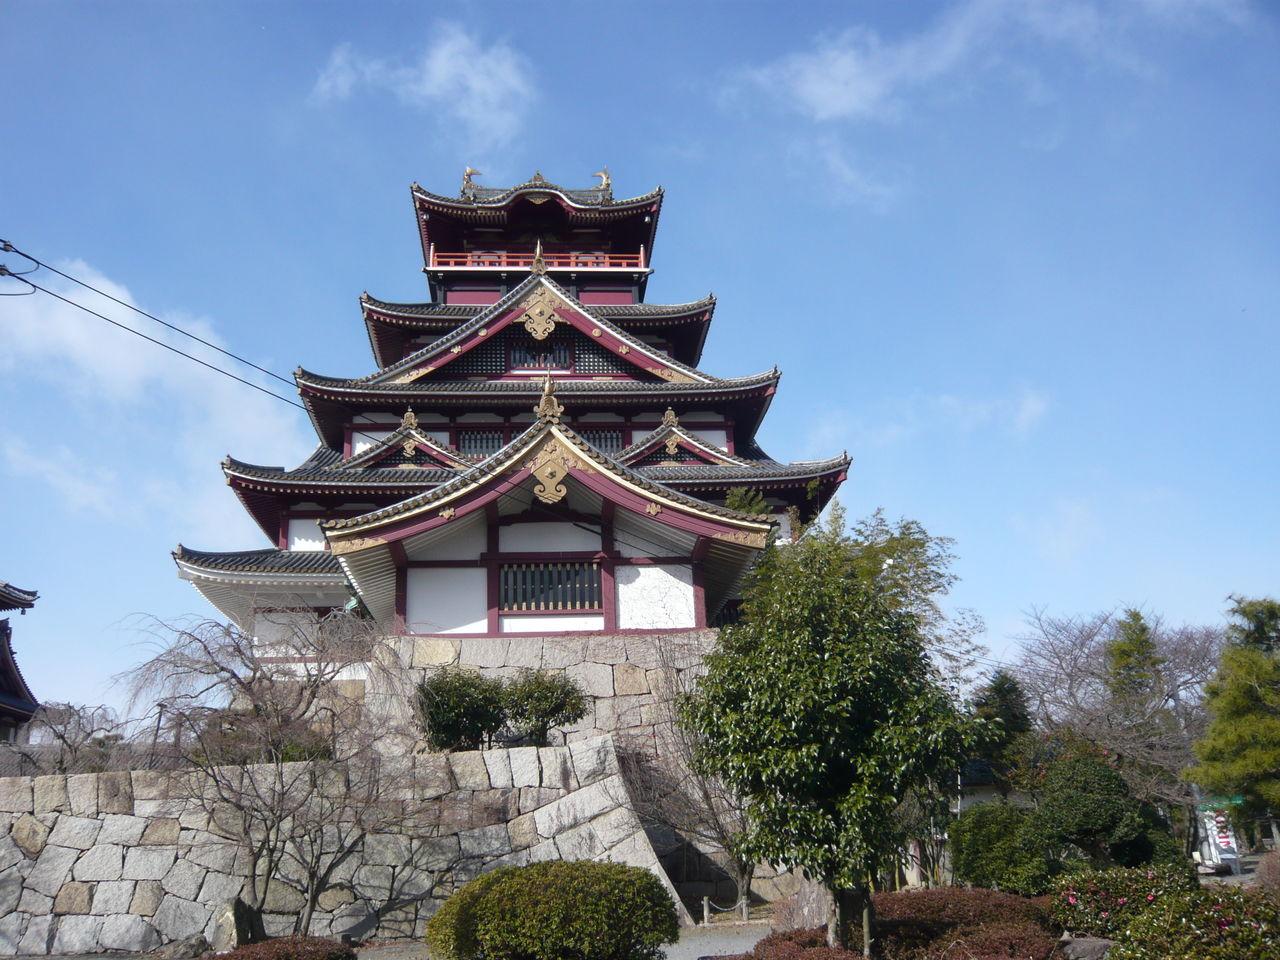 伏見城 (1)